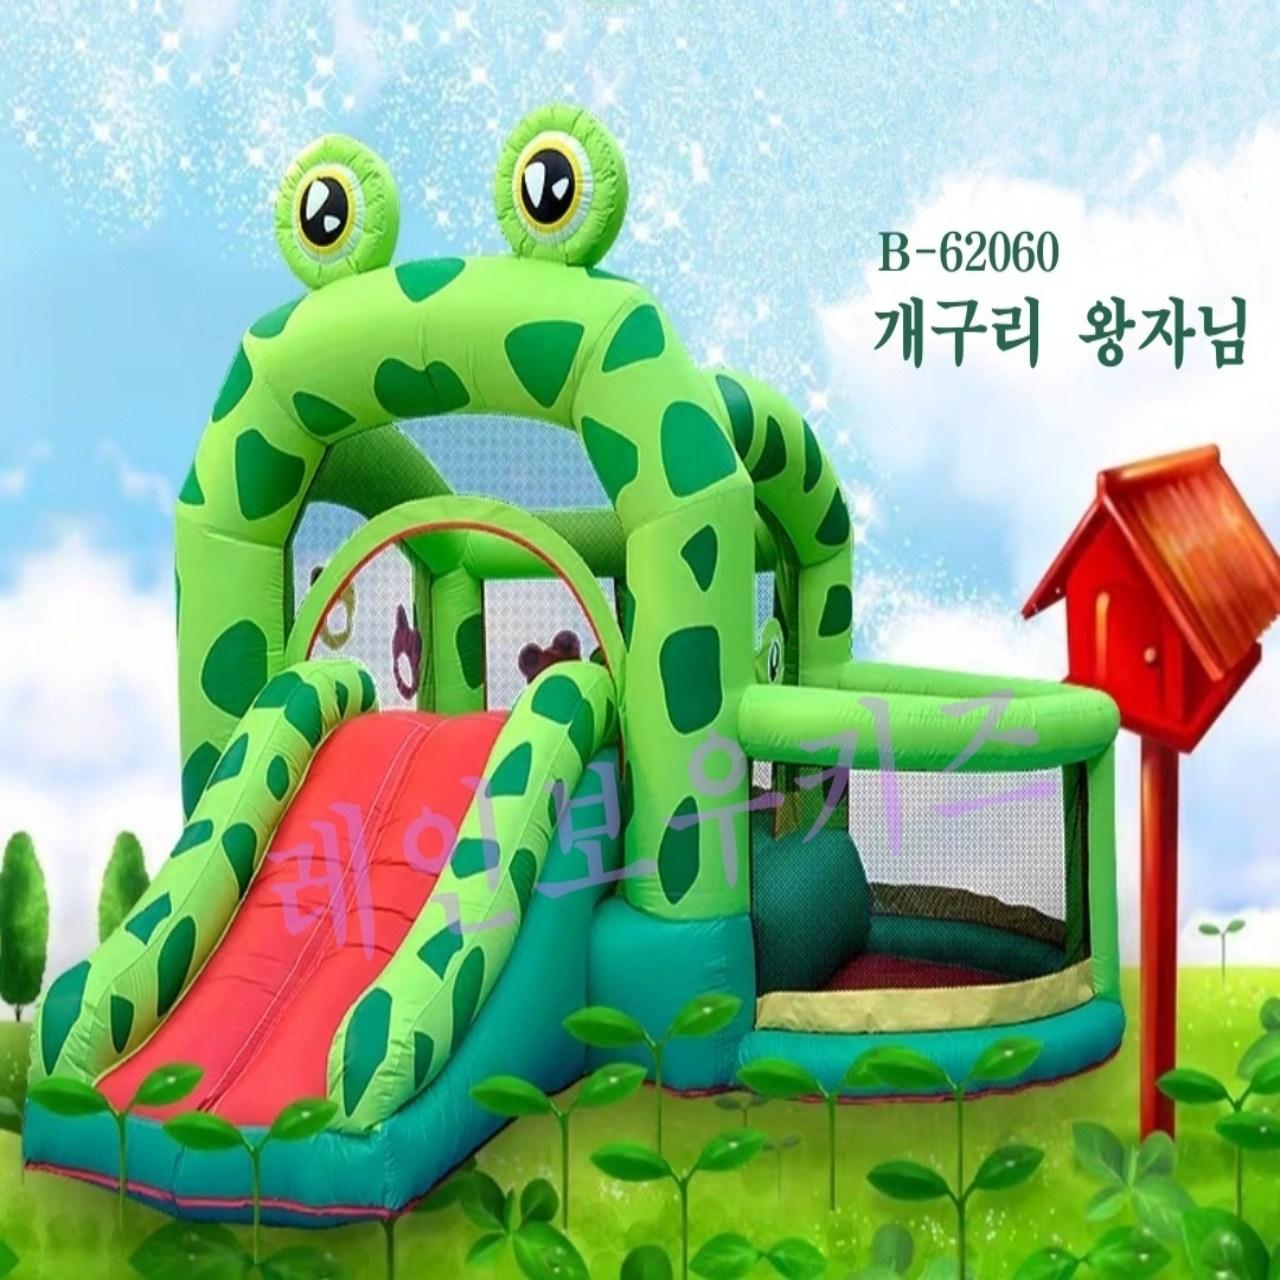 [레인보우키즈]에어바운스 실내 미끄럼틀 개구리 왕자님 방방이 B-62060